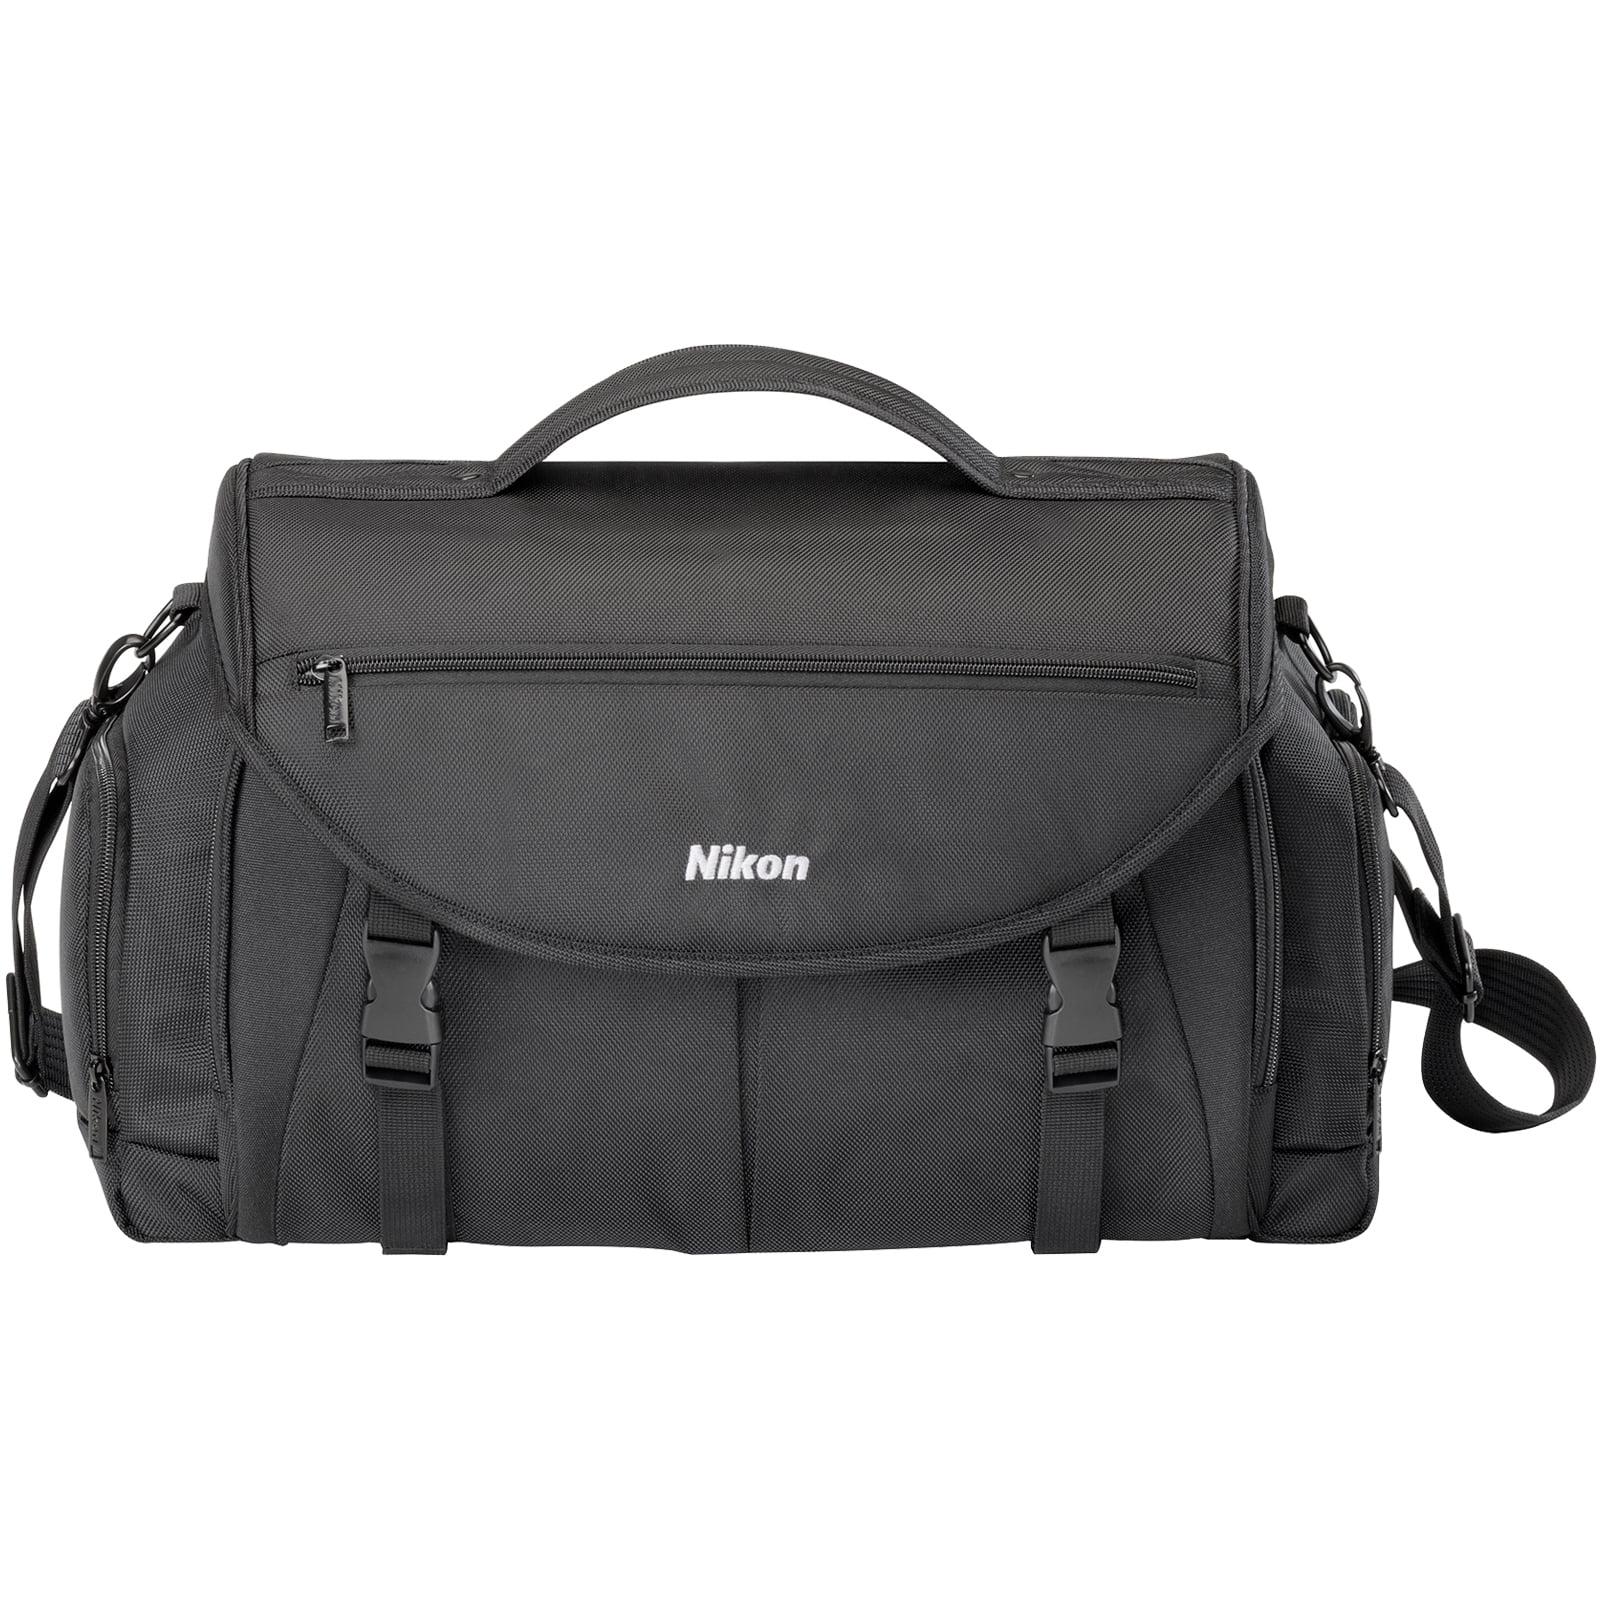 Nikon 17008 Large Pro DSLR Camera Bag